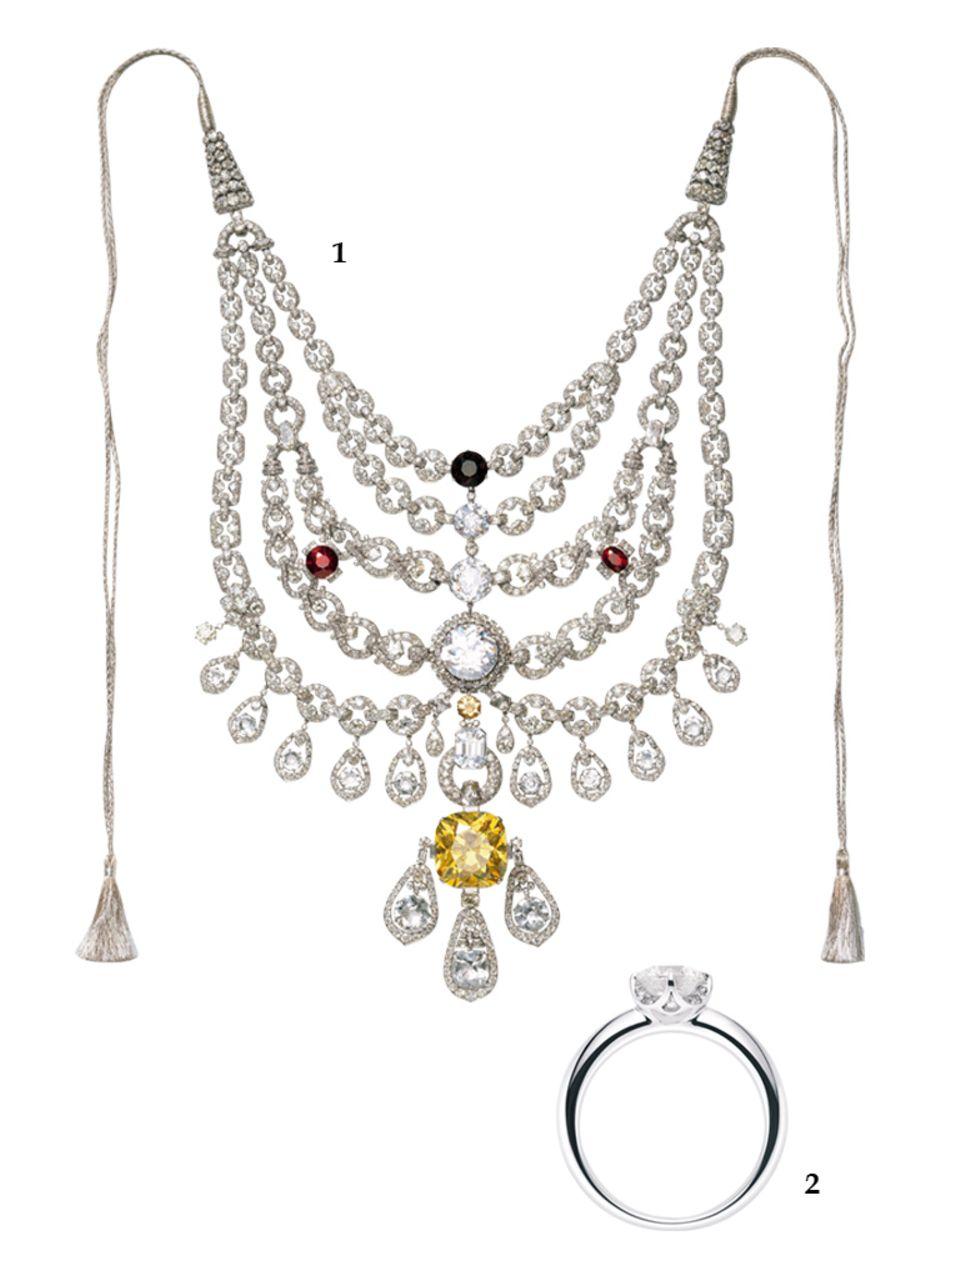 """1. 2930 Diamanten (1000 Karat) schmücken das Collier, das Cartier 1928 für einen indischen Maharadscha anfertigte; 2.Juwelier Wempe präsentiert jetzt einen eigenen, zertifizierten Schliff – den """"Wempe Cut"""" mit spektakulären 137 Facetten (Solitaire Ring """"Splendora by Kim"""", ab ca. 17.280 Euro)"""